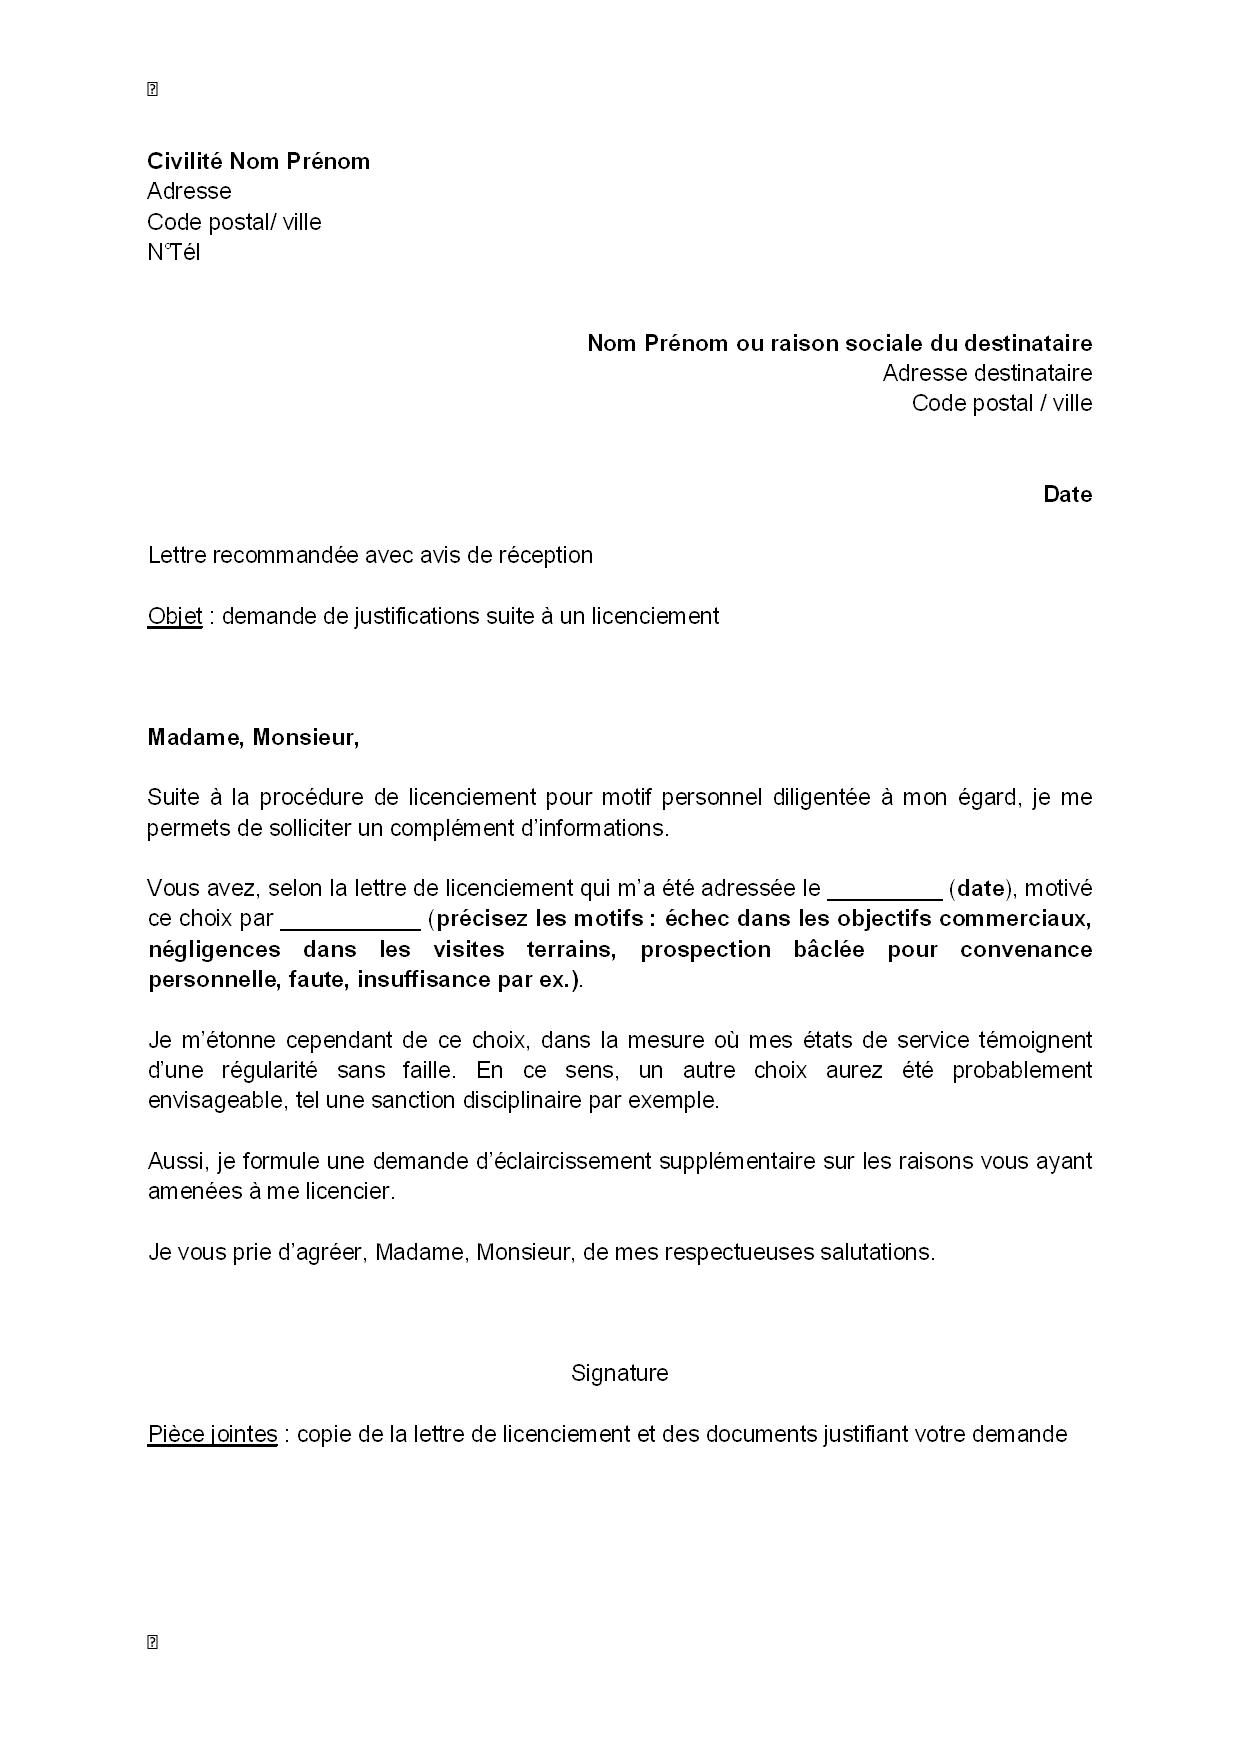 lettre de demande de justifications suite  u00e0 un